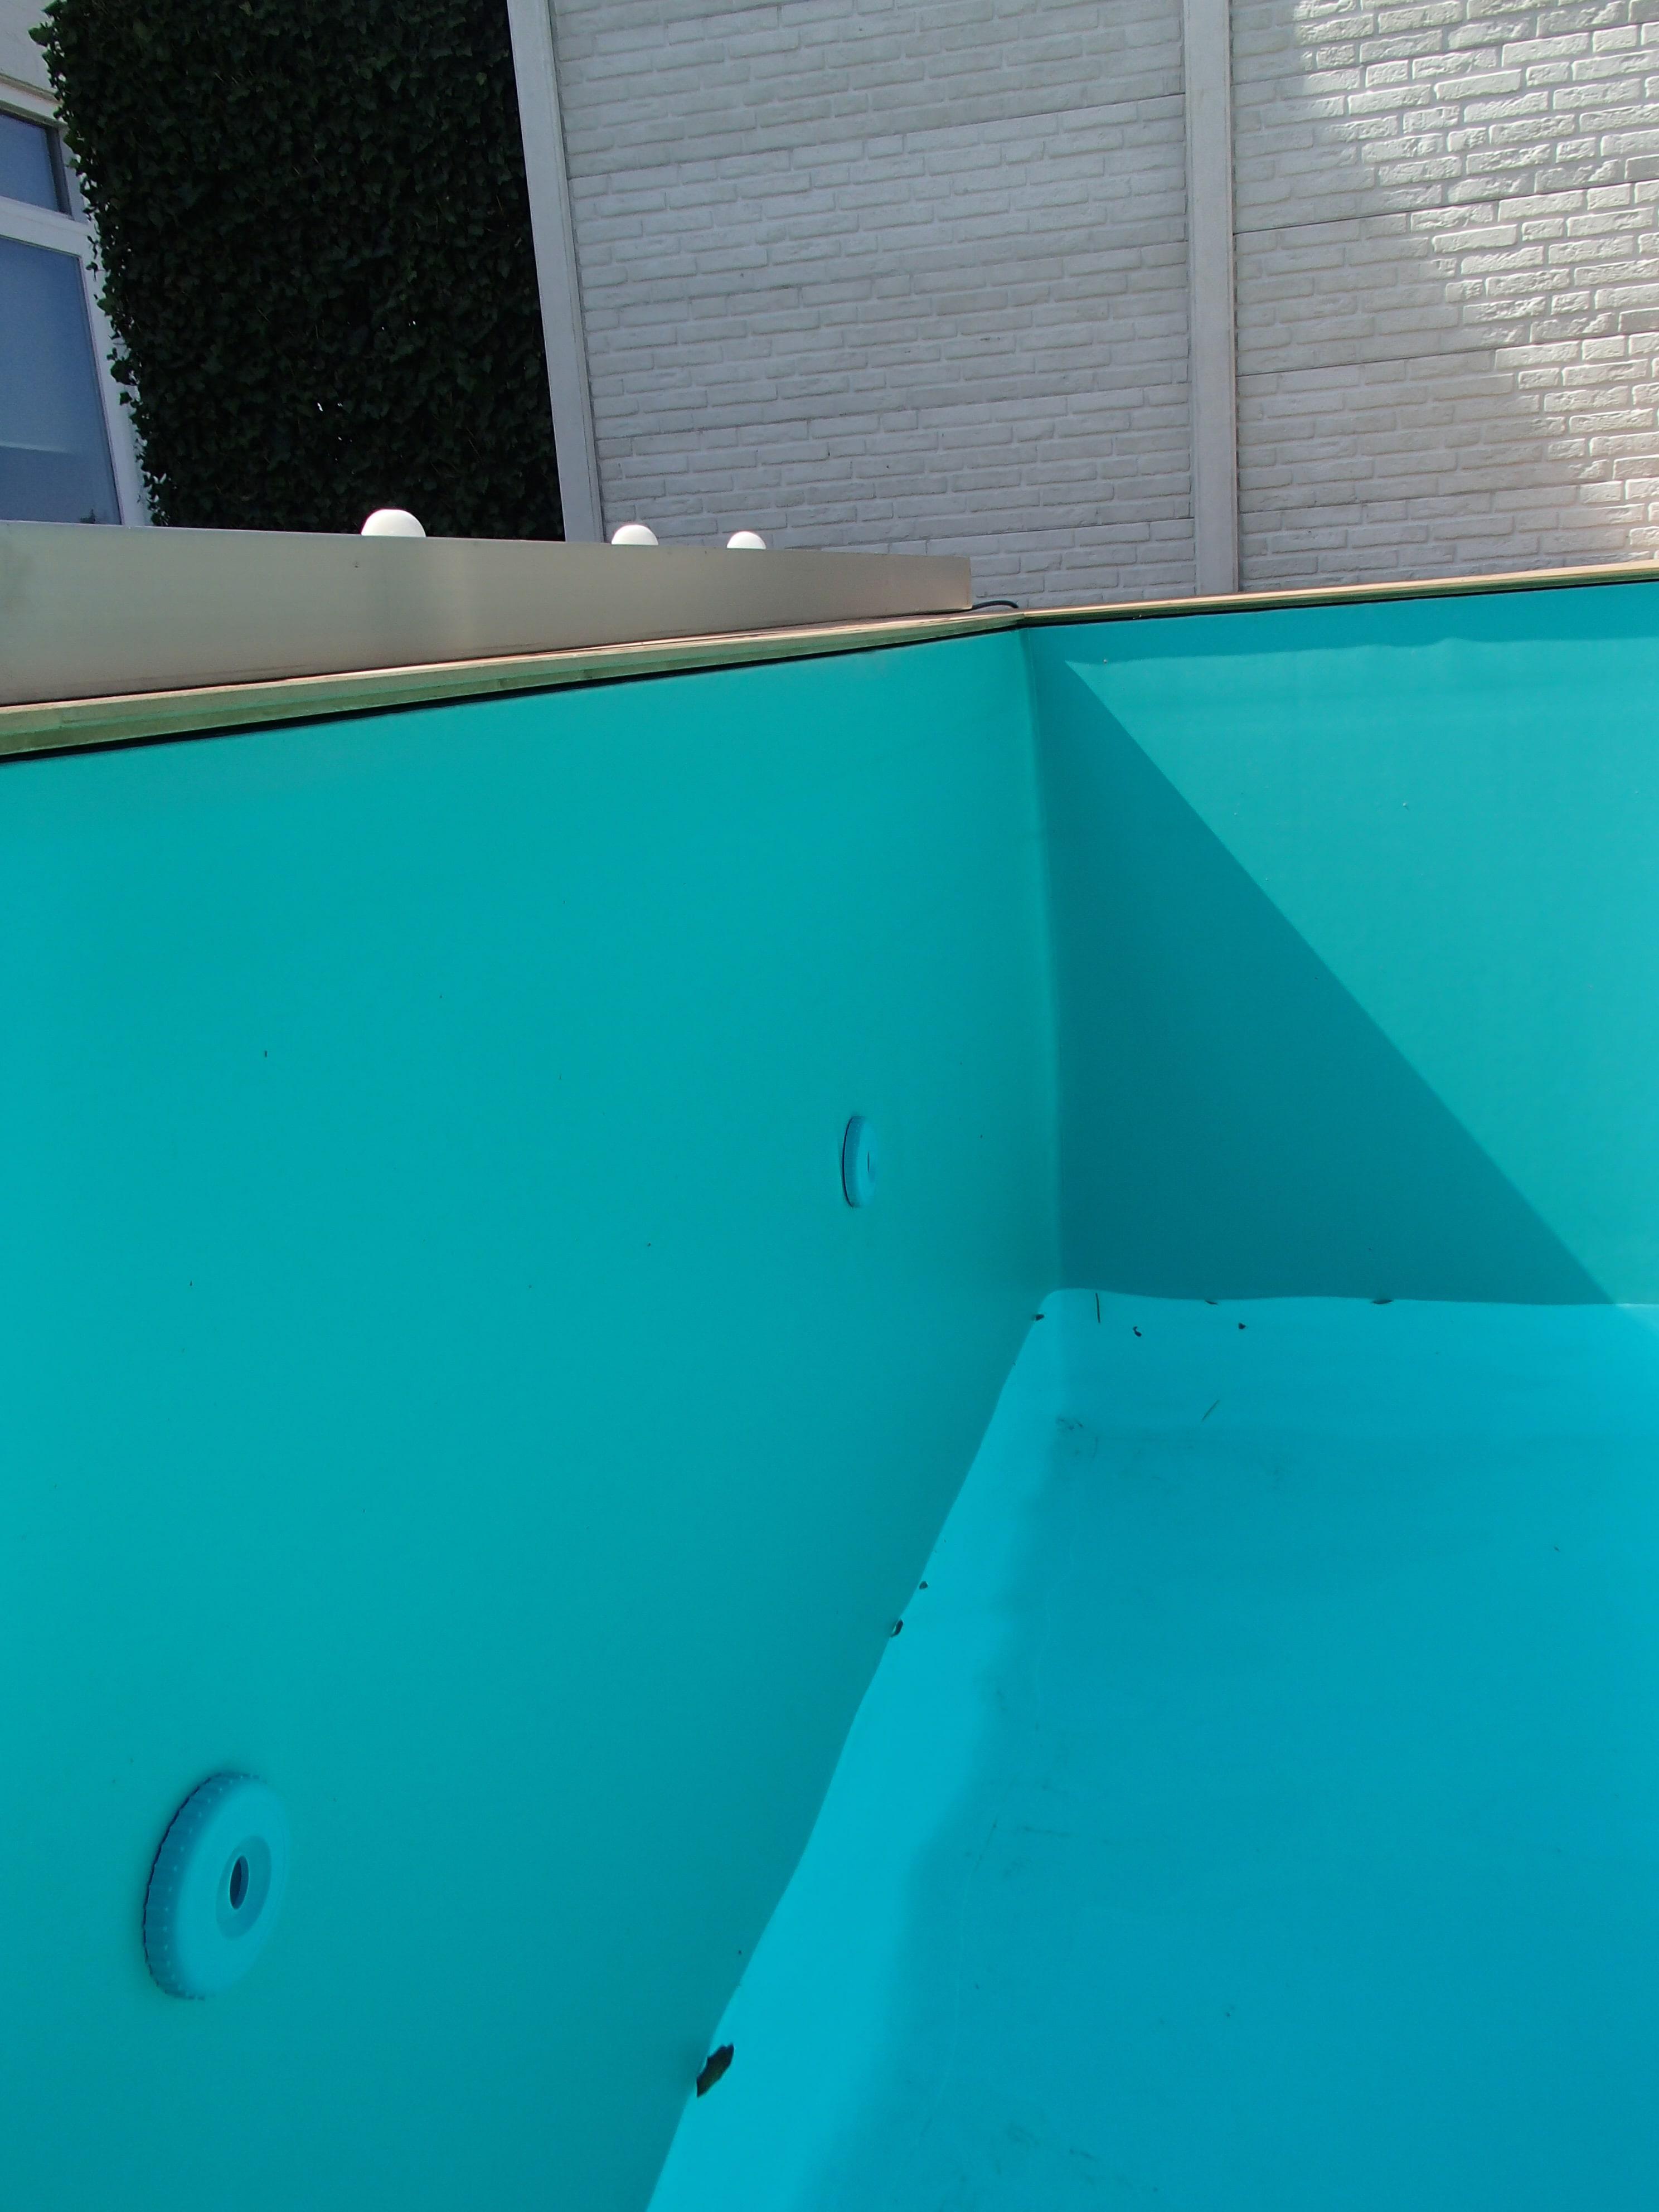 zwembadfolie Groen lassen